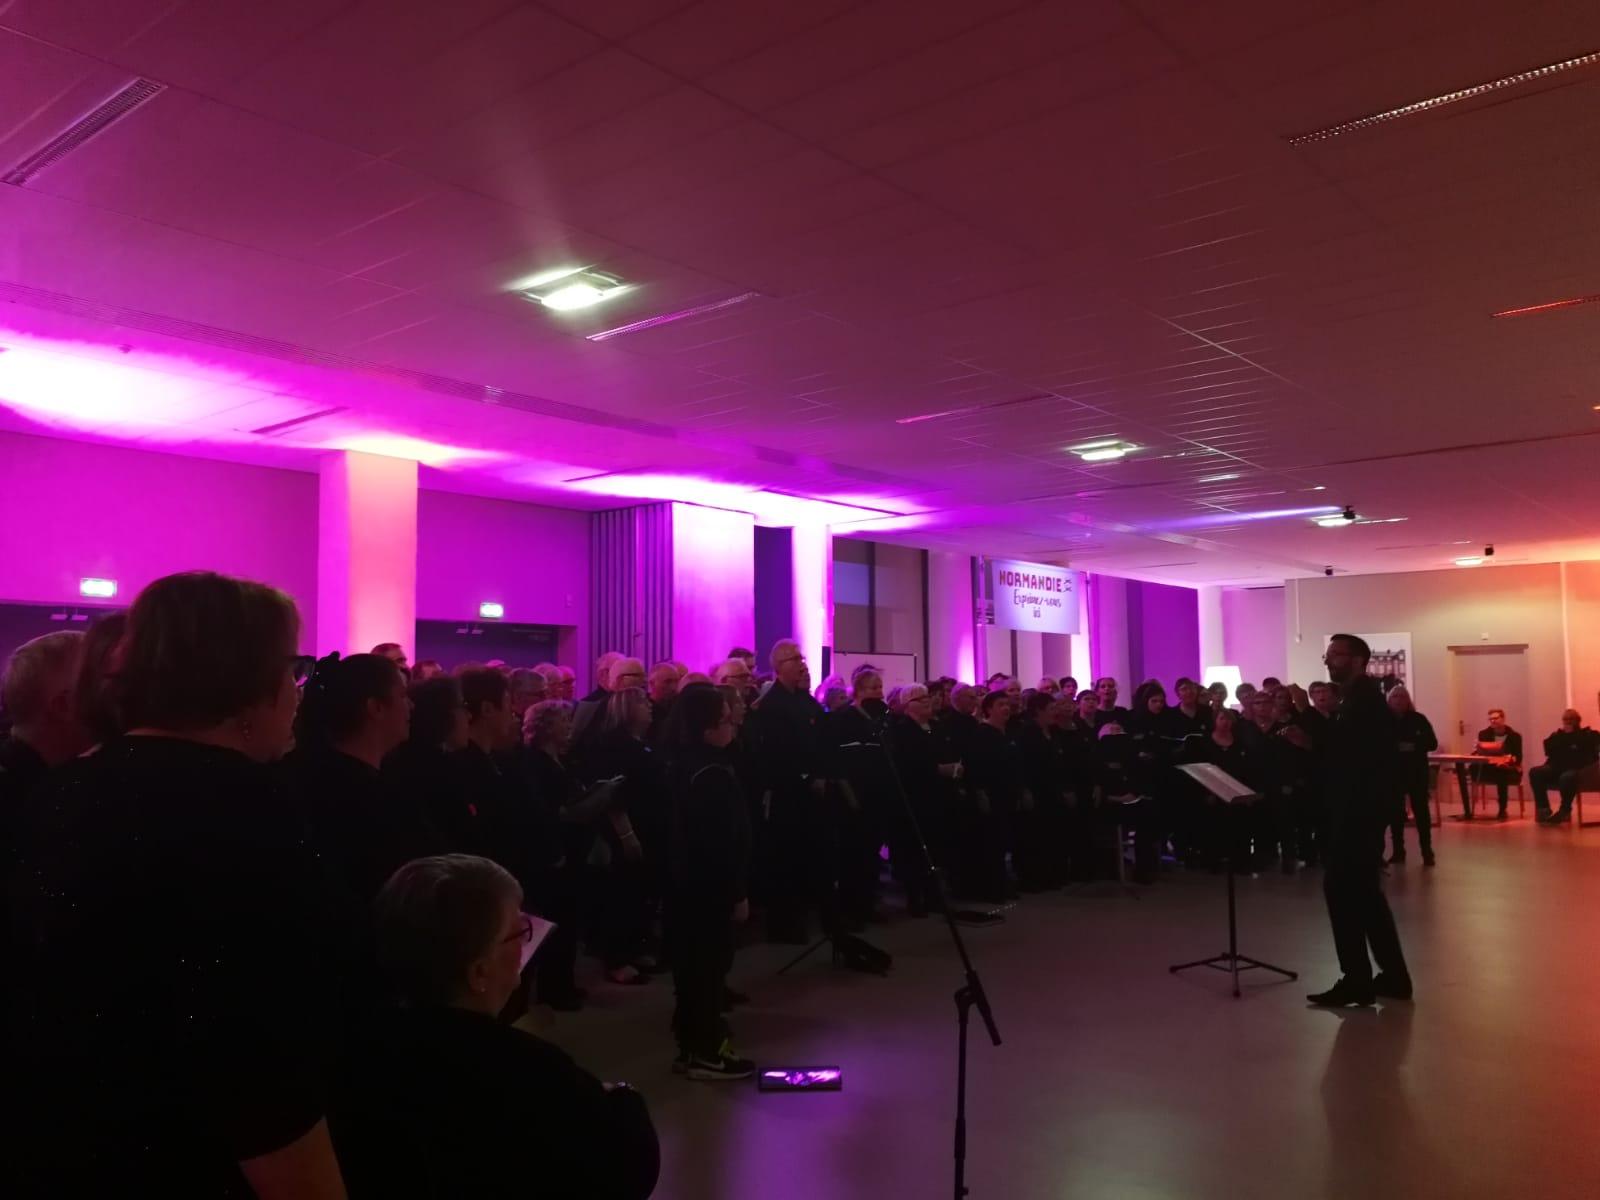 500 personnes engagées pour parler des atouts de la Normandie et encourager les belles initiatives qui dynamisent la région. #NormandieCollective Merci également aux 160 choristes des LES VOIX DE L'ESTUAIRE et aux intervenants ! Nous sommes fiers d'appartenir à ce collectif normand.